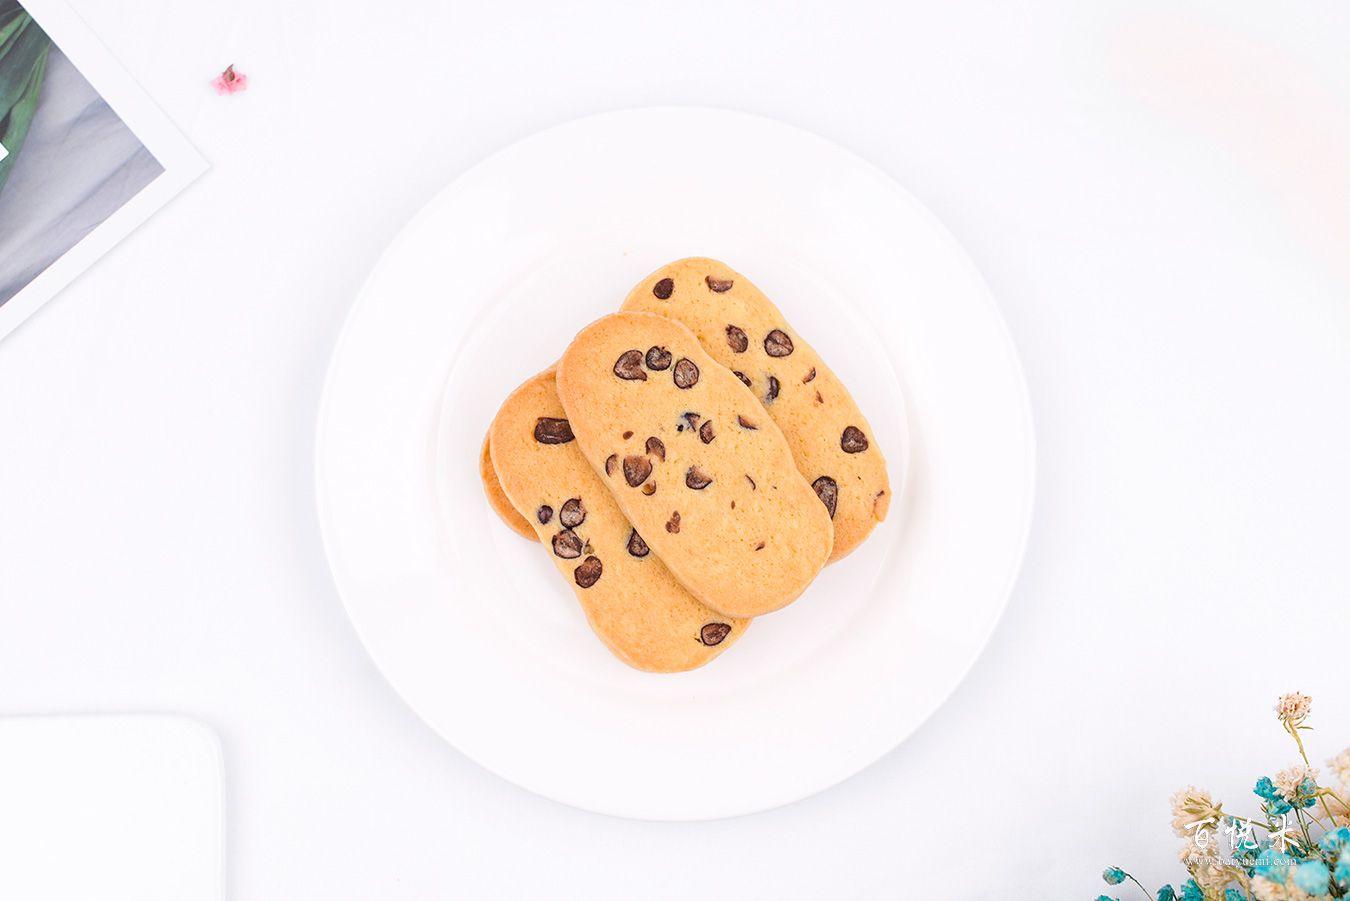 红豆酥高清图片大全【蛋糕图片】_356